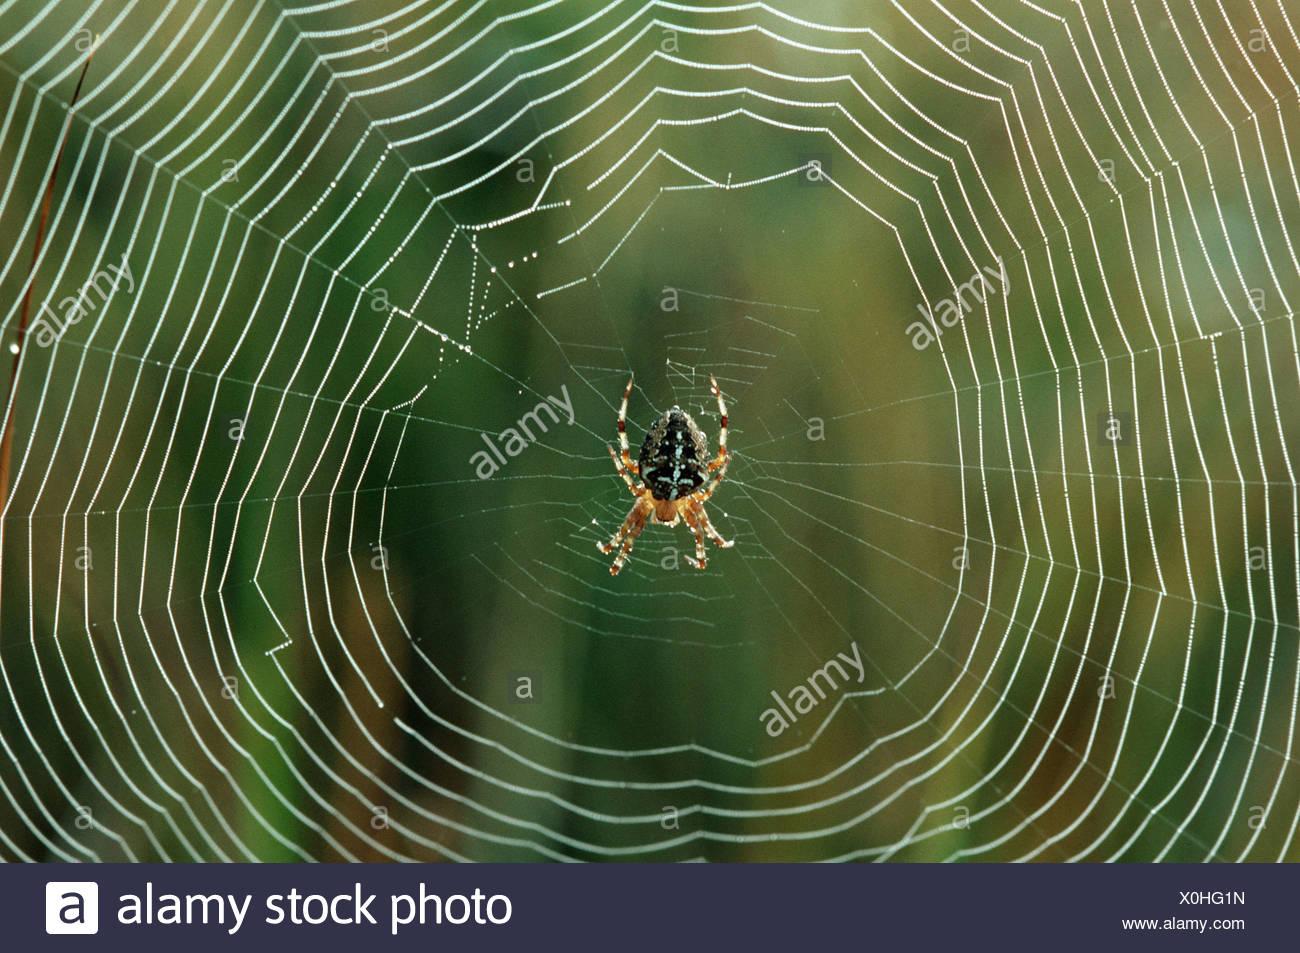 aranaidae / orbweaver - Stock Image